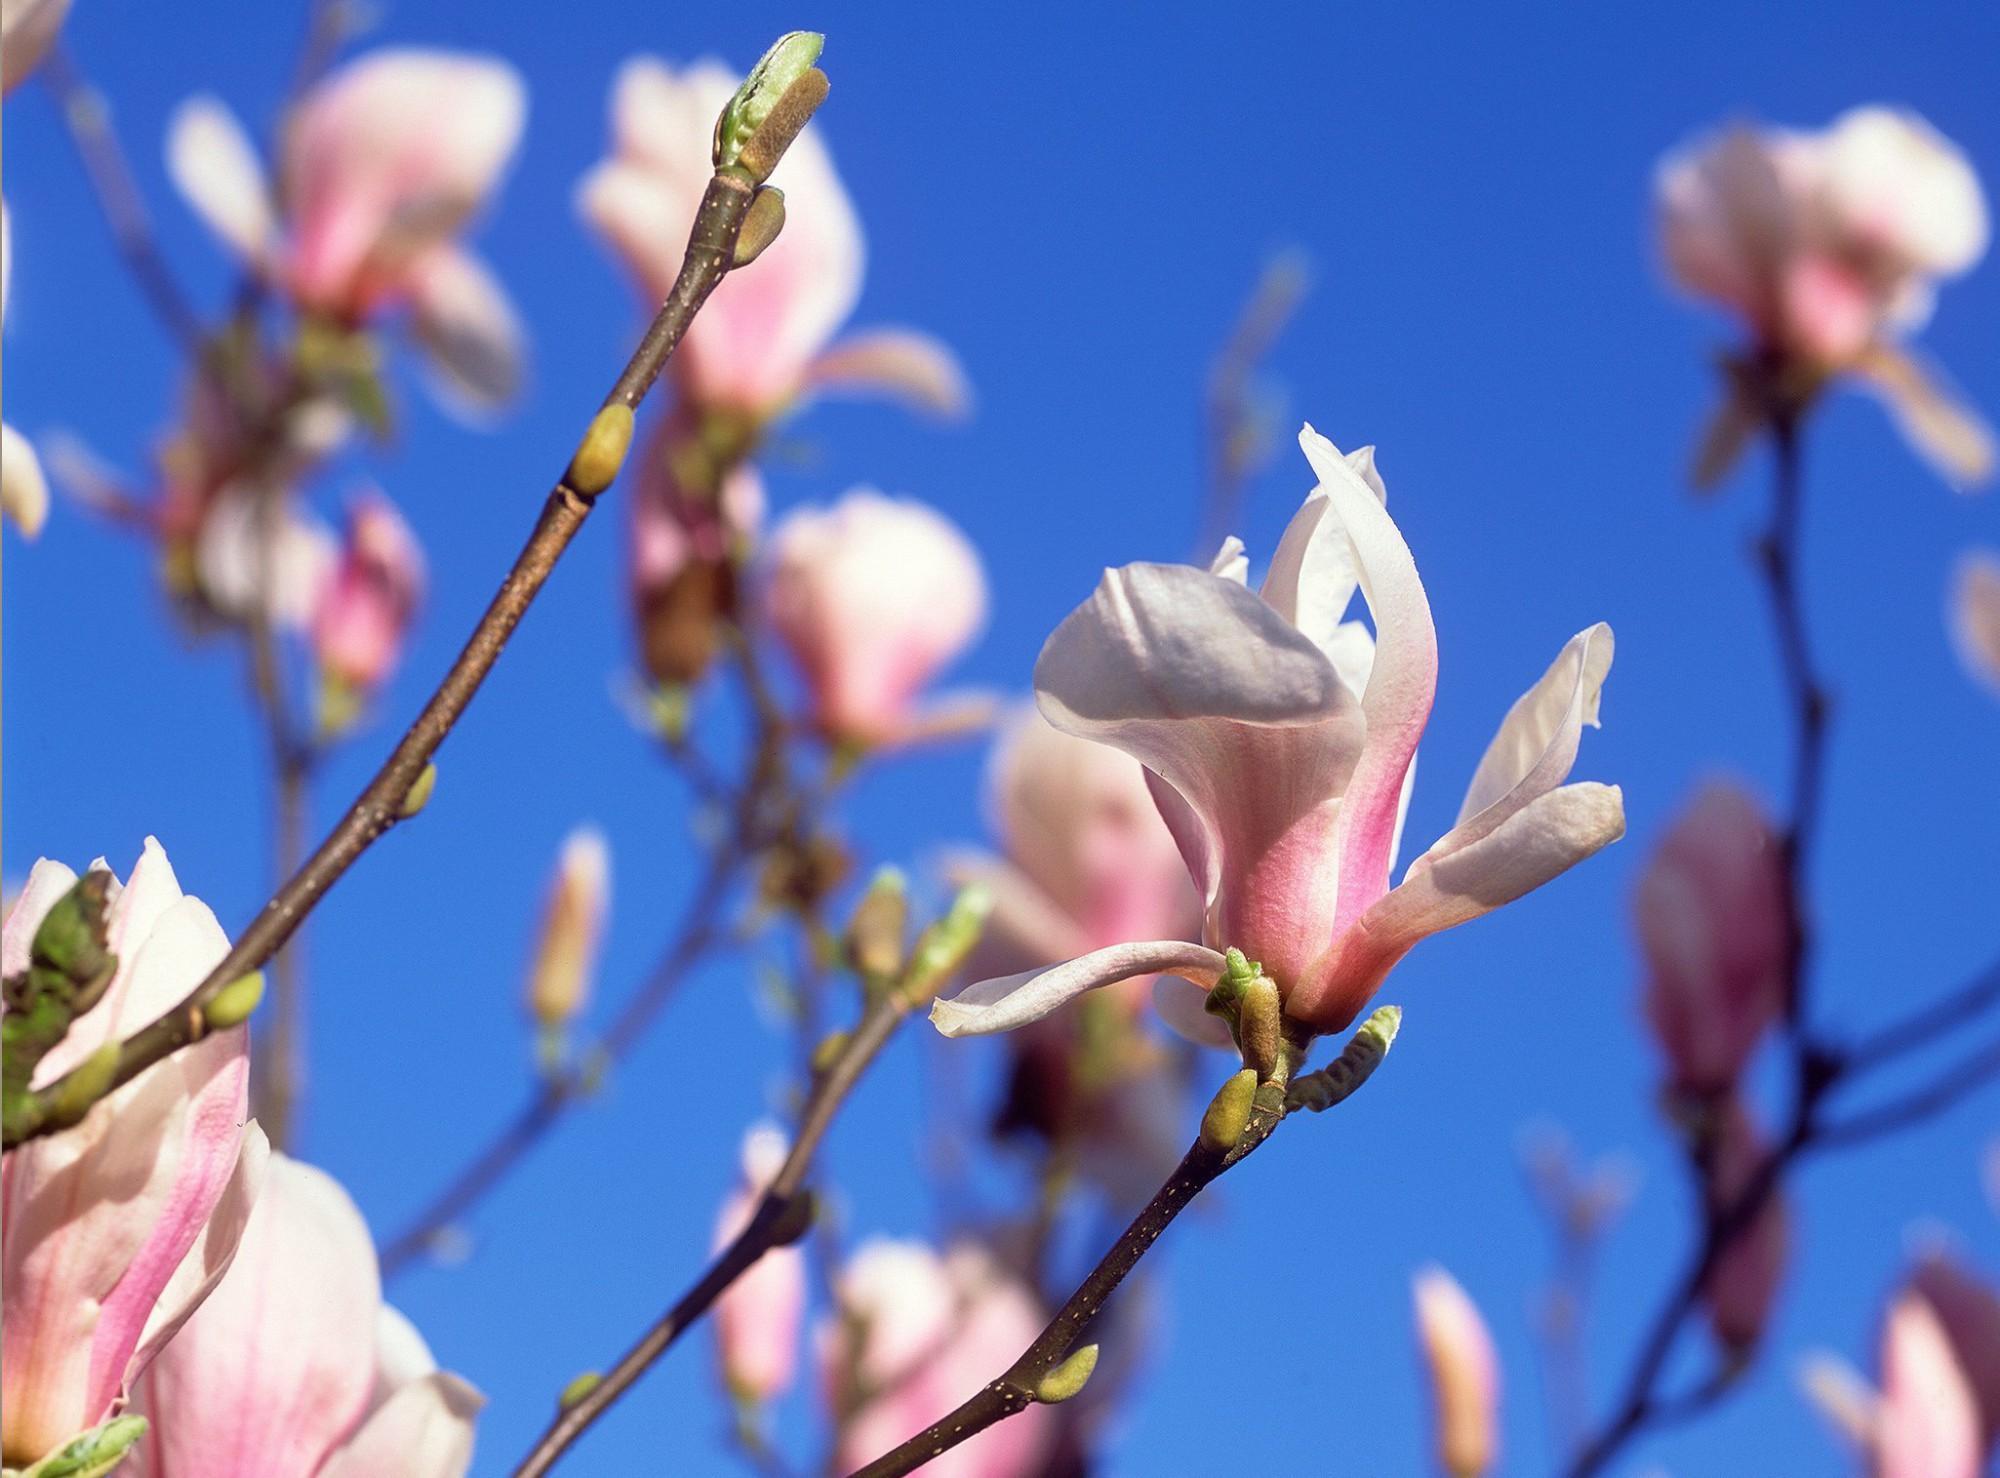 Afbeelding: Fotografie tuinarchitectuur, fotografie bloemen en planten, bomen en struiken. Magnolia, dat is pas lente!